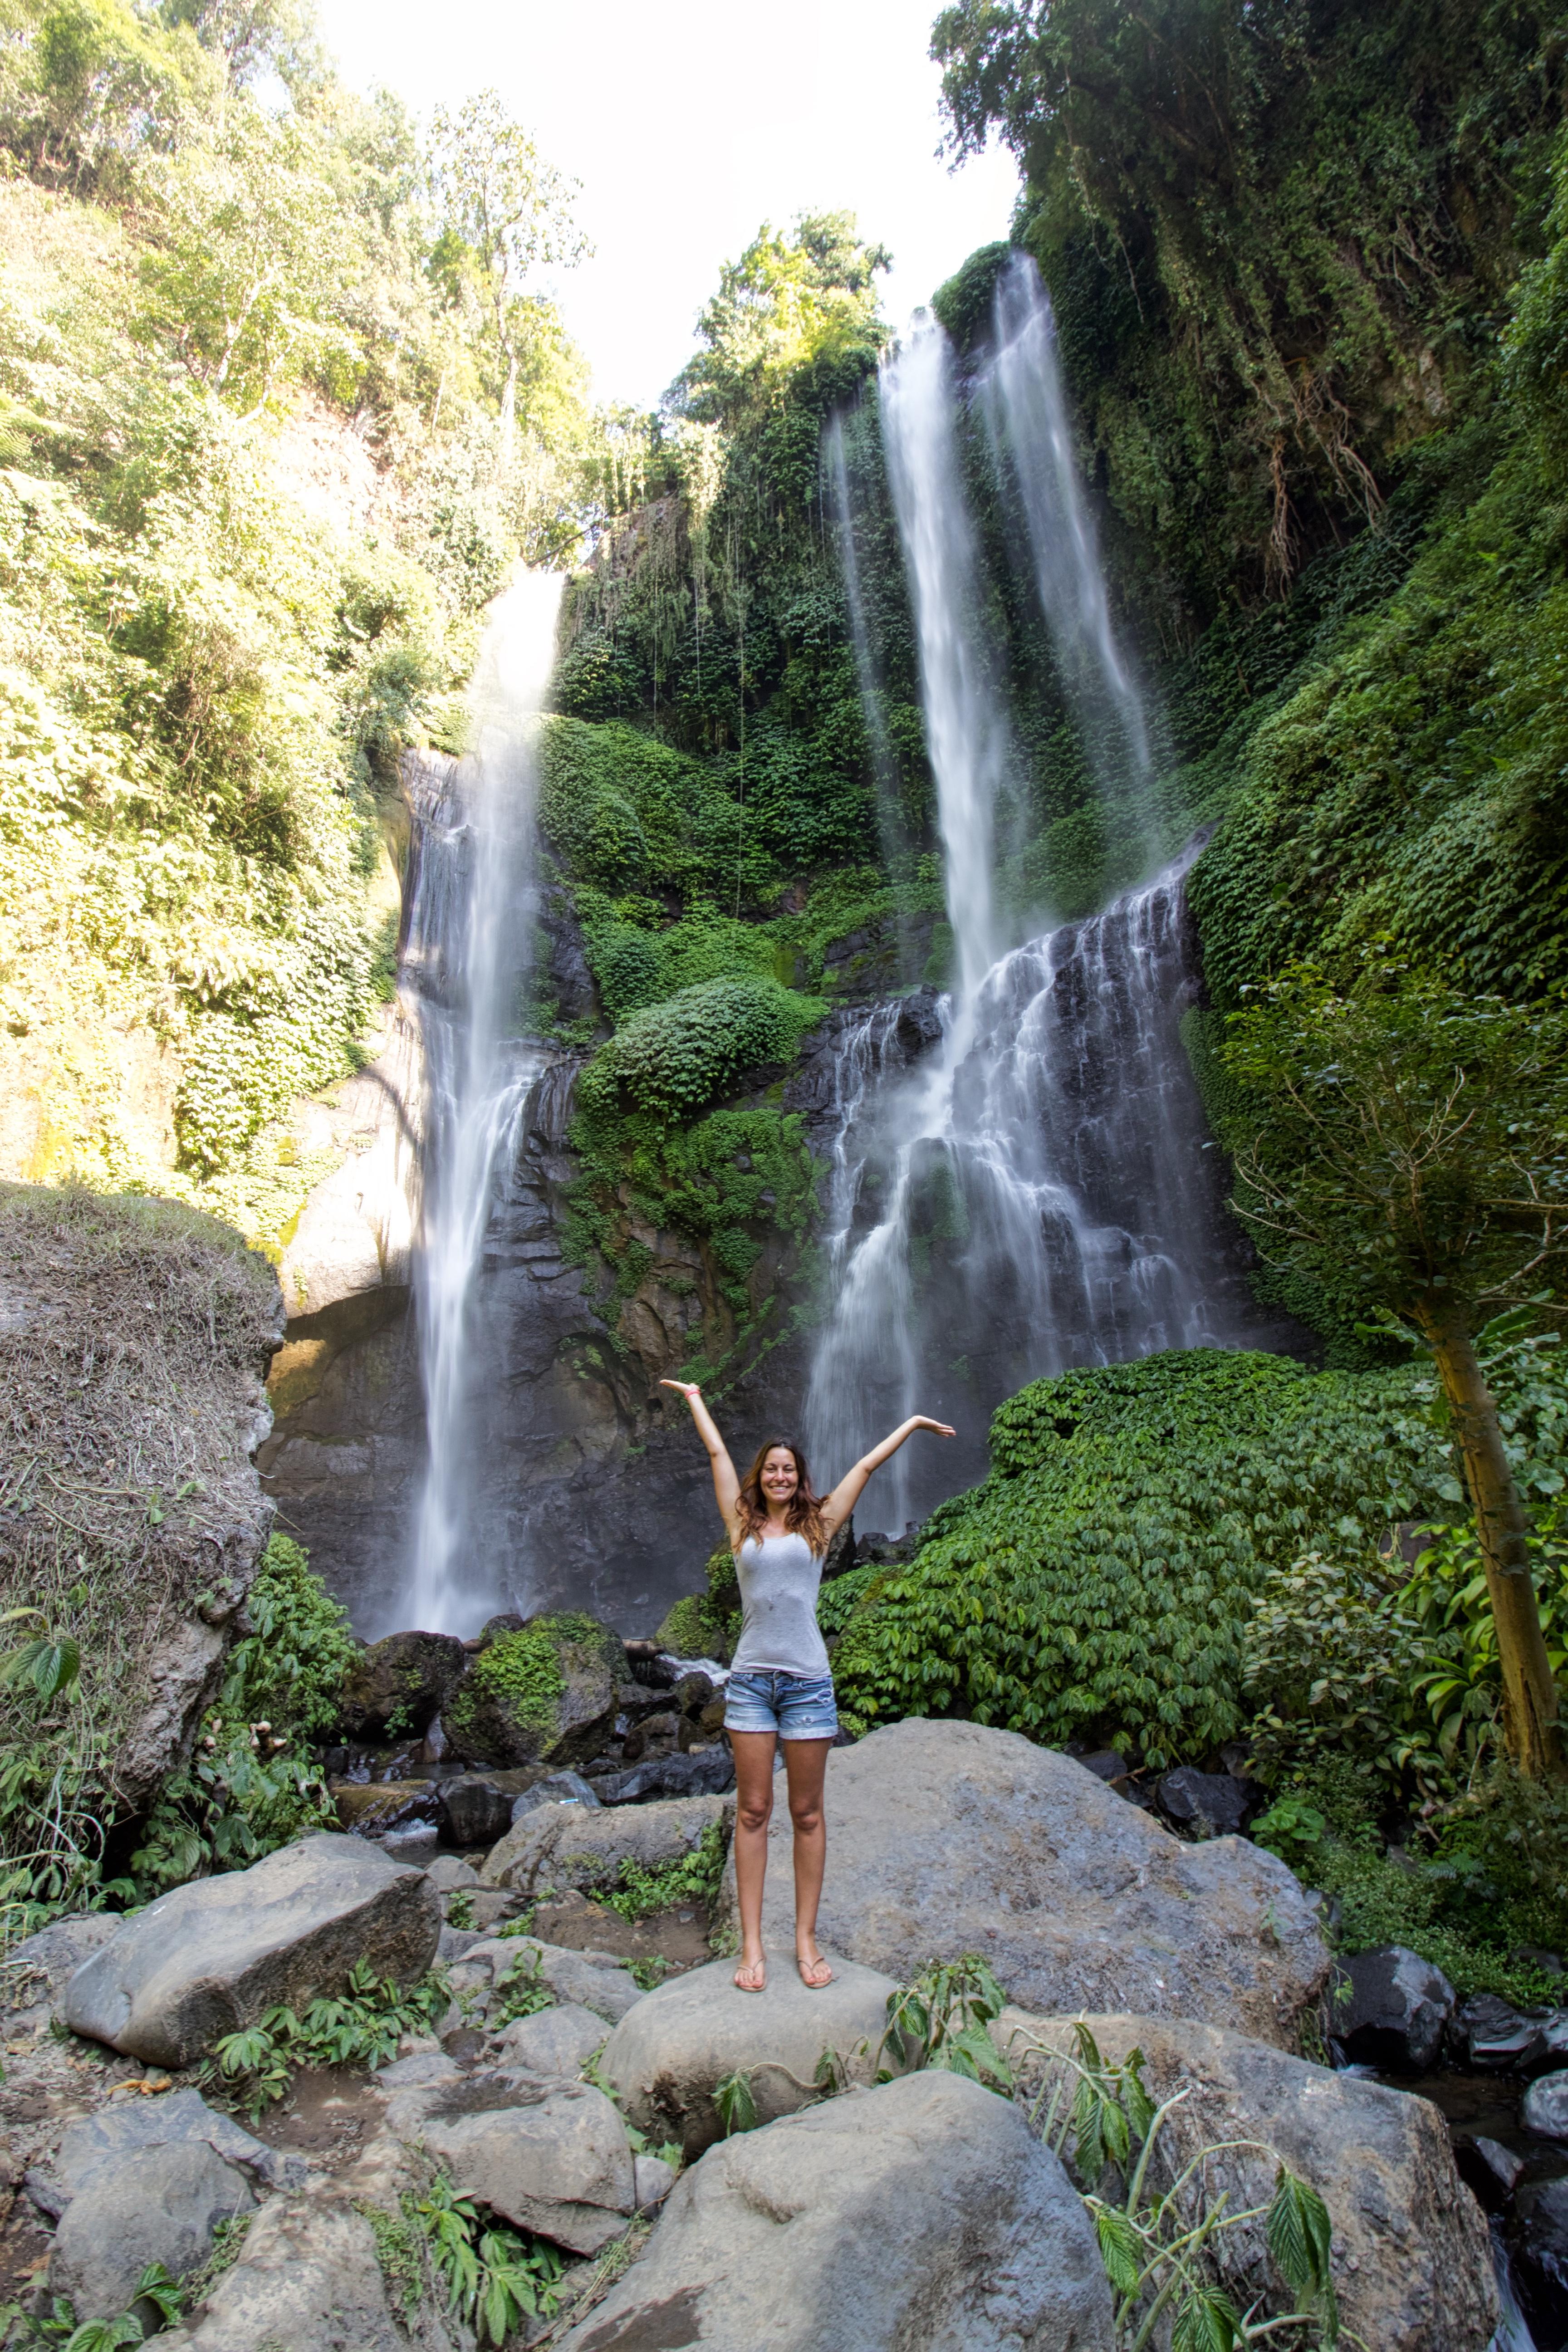 cascades montagne indonesie